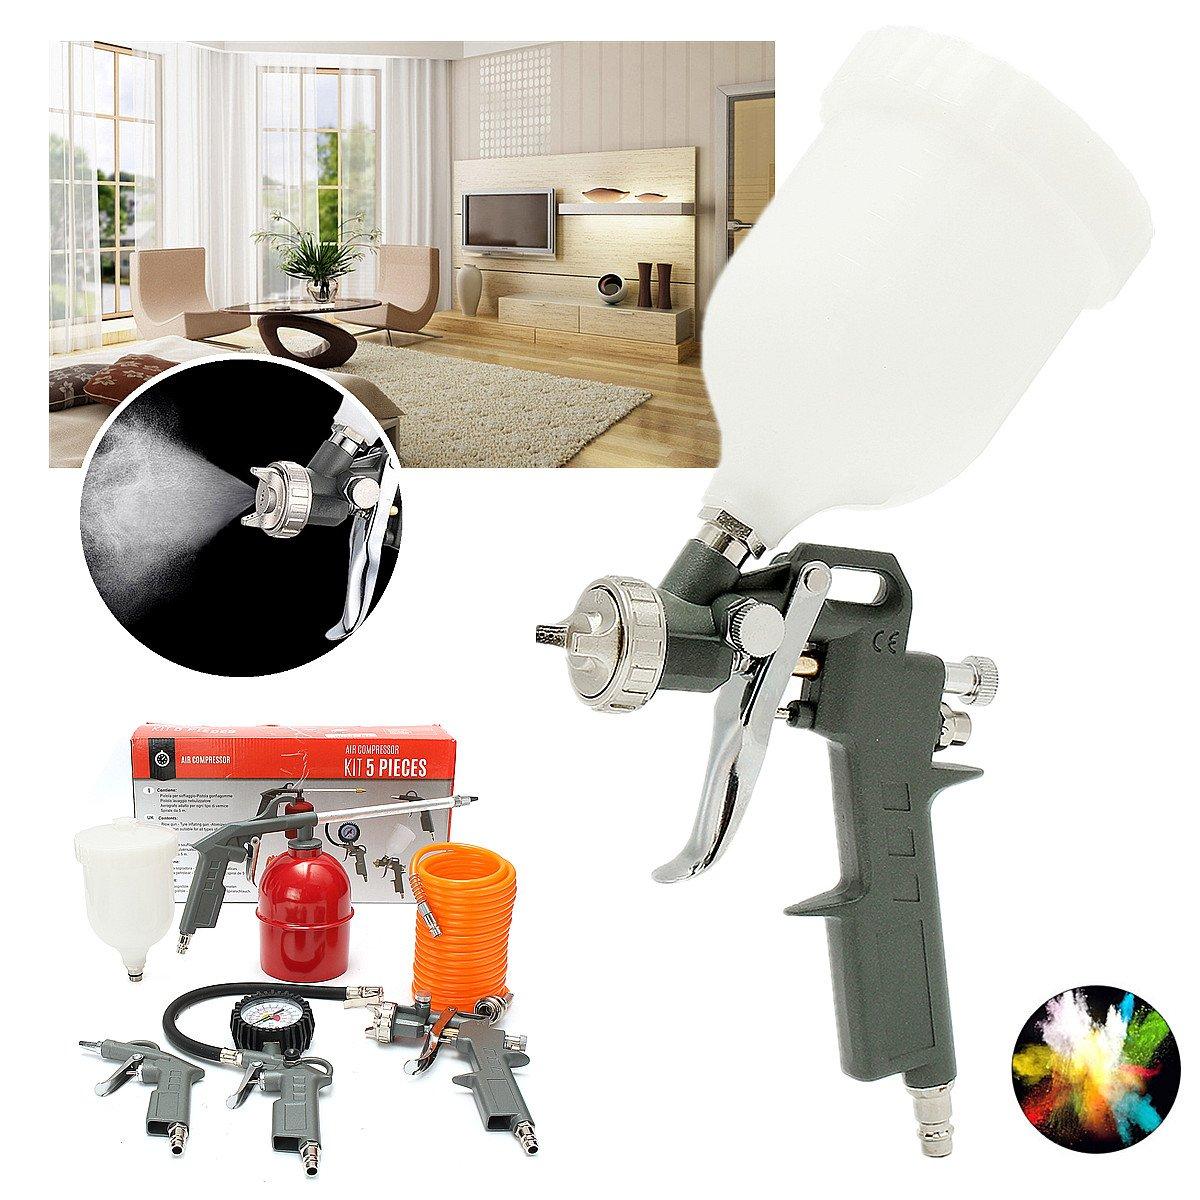 5pcs kit herramienta para accesorios 1/4inch pulverizadora pintura Compresor De Aire Manguera de aire Montaje: Amazon.es: Coche y moto